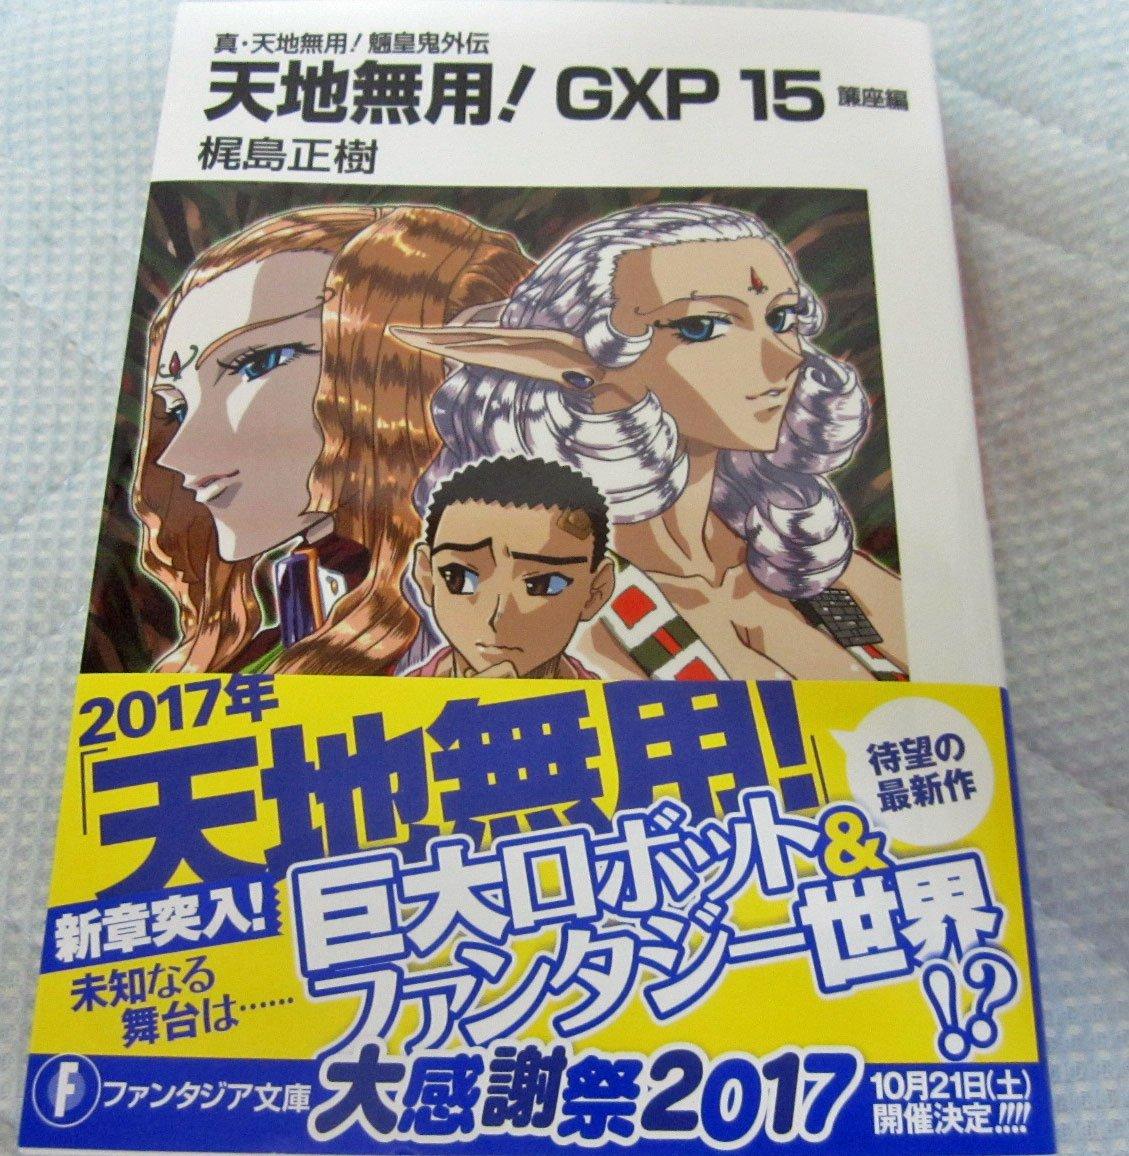 本日の購入本「真・天地無用!魎皇鬼外伝 天地無用!GXP15 簾座編」おお!新章開幕だっ!アニメの続きがついに読めるぞ!